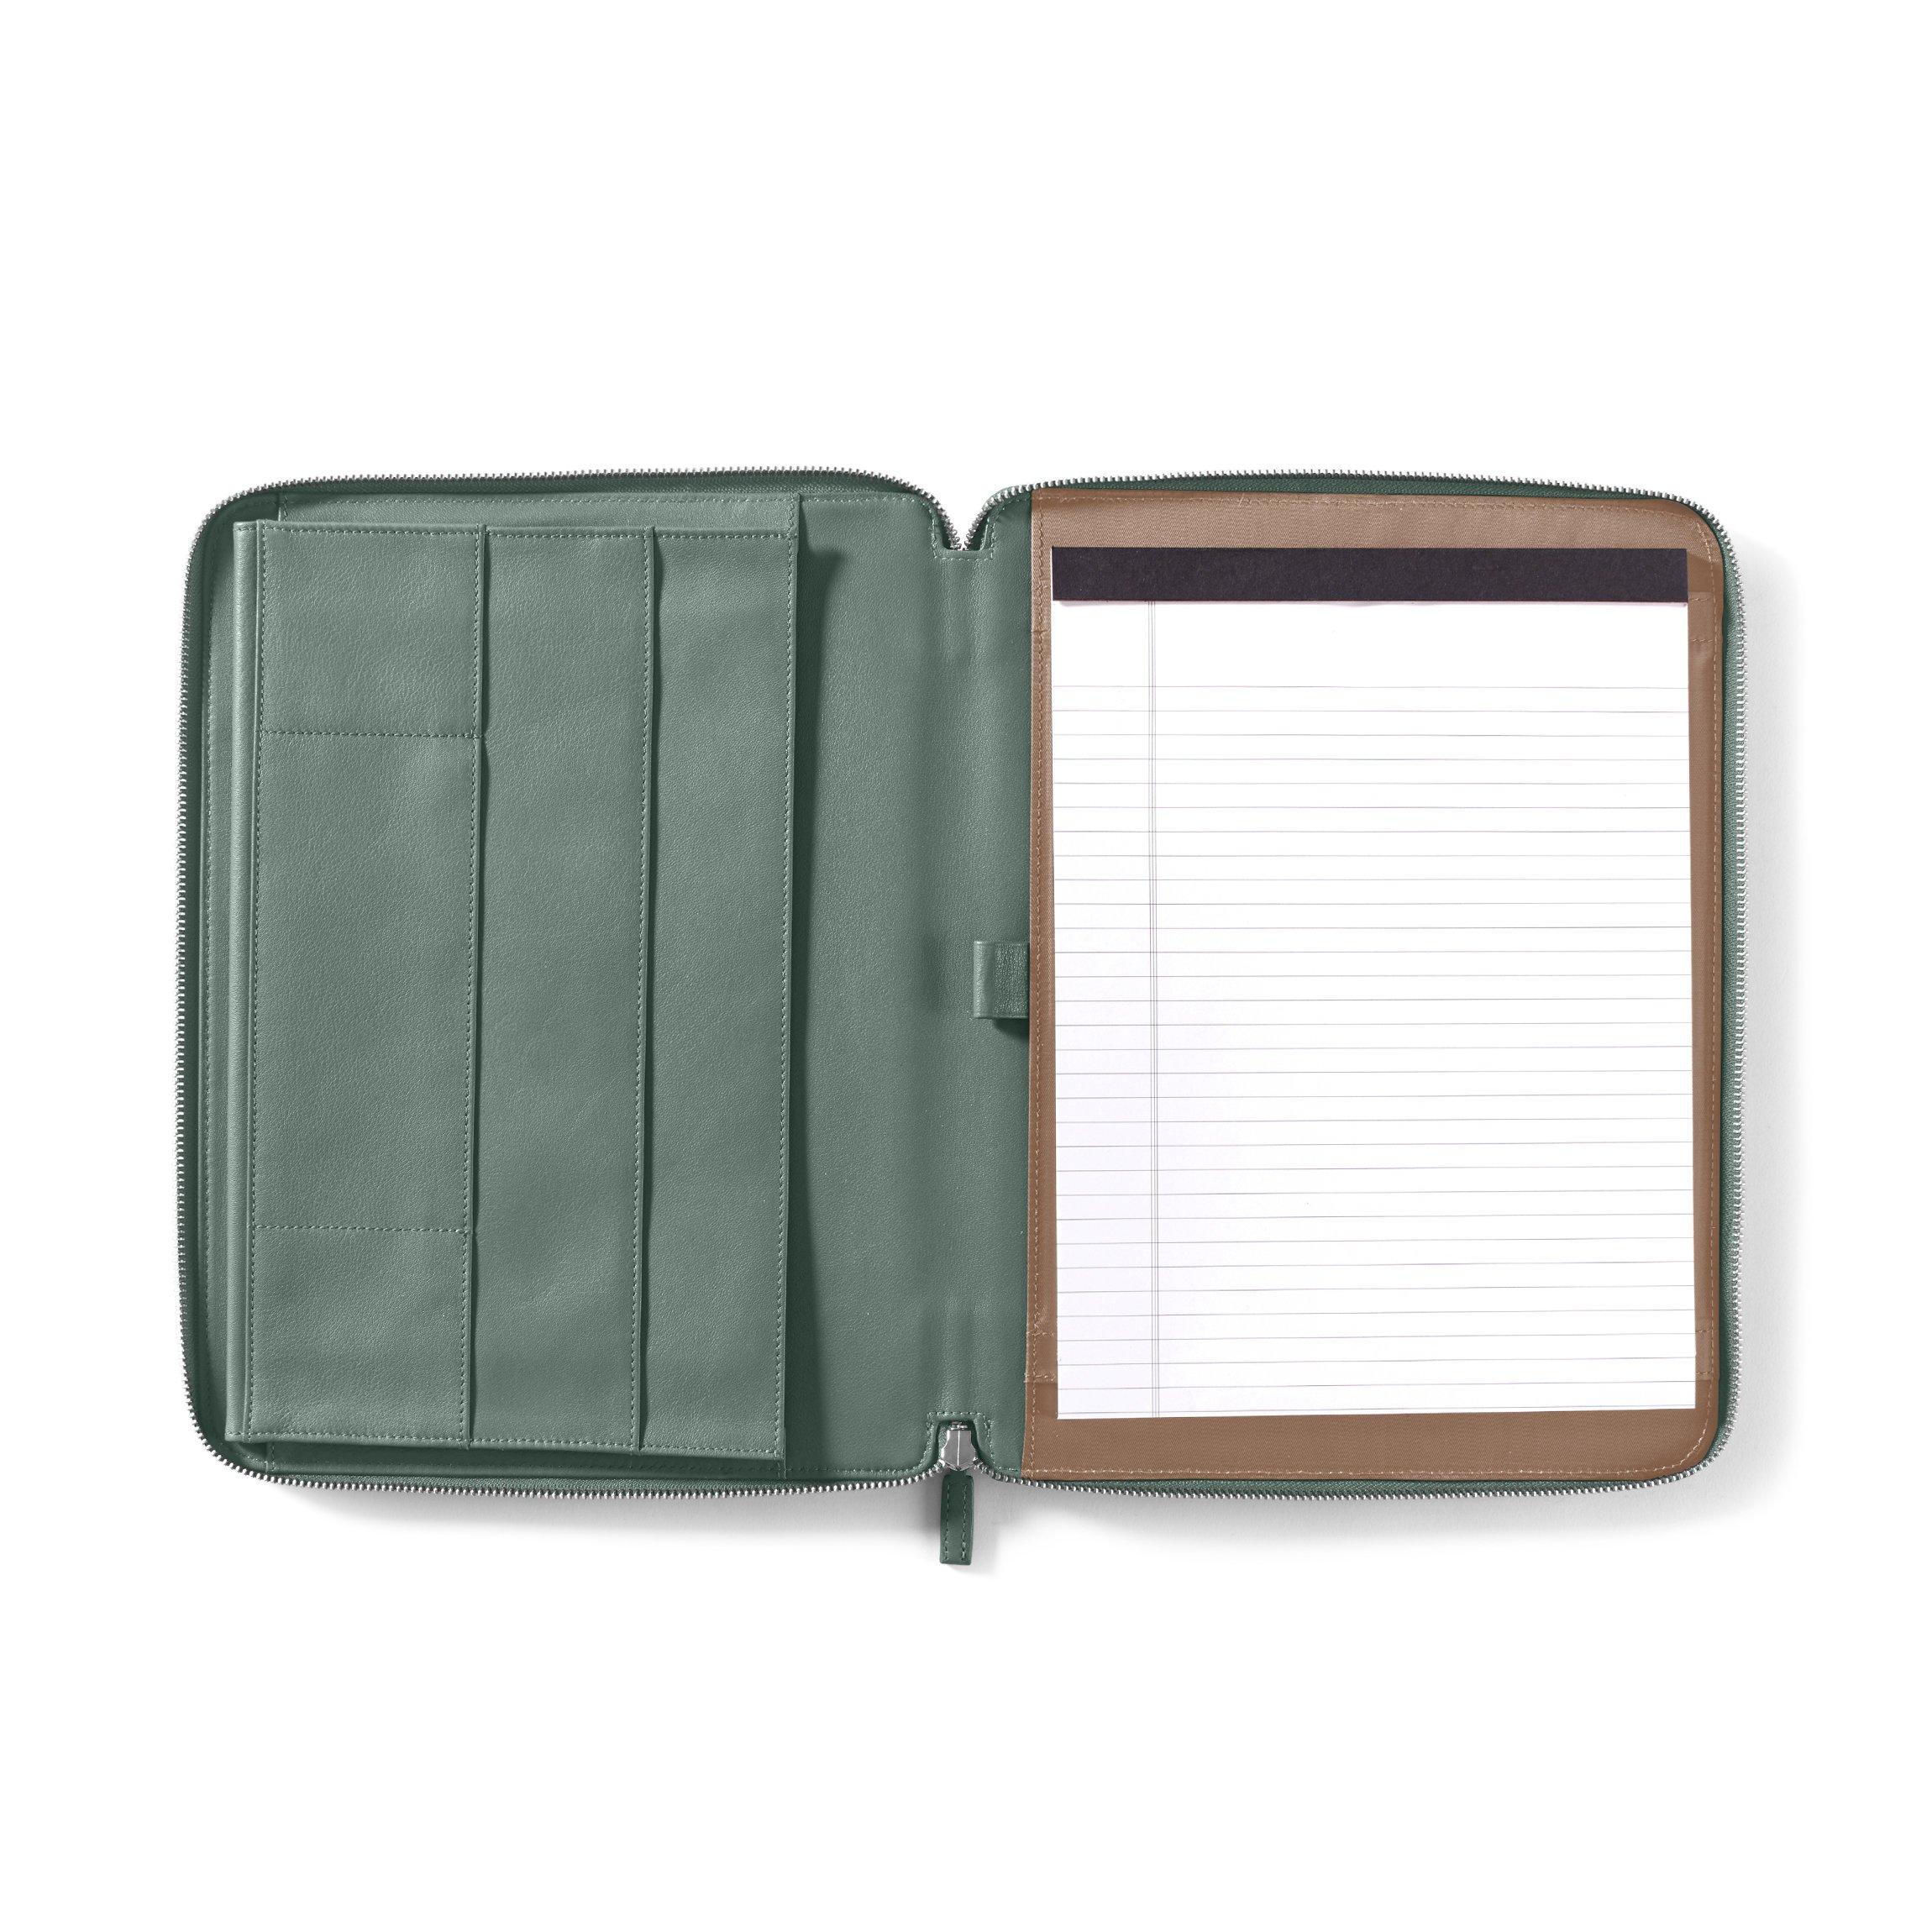 Leatherology Executive Zippered Portfolio with Interior iPad Pocket - Full Grain Leather Leather - Dusk (blue)